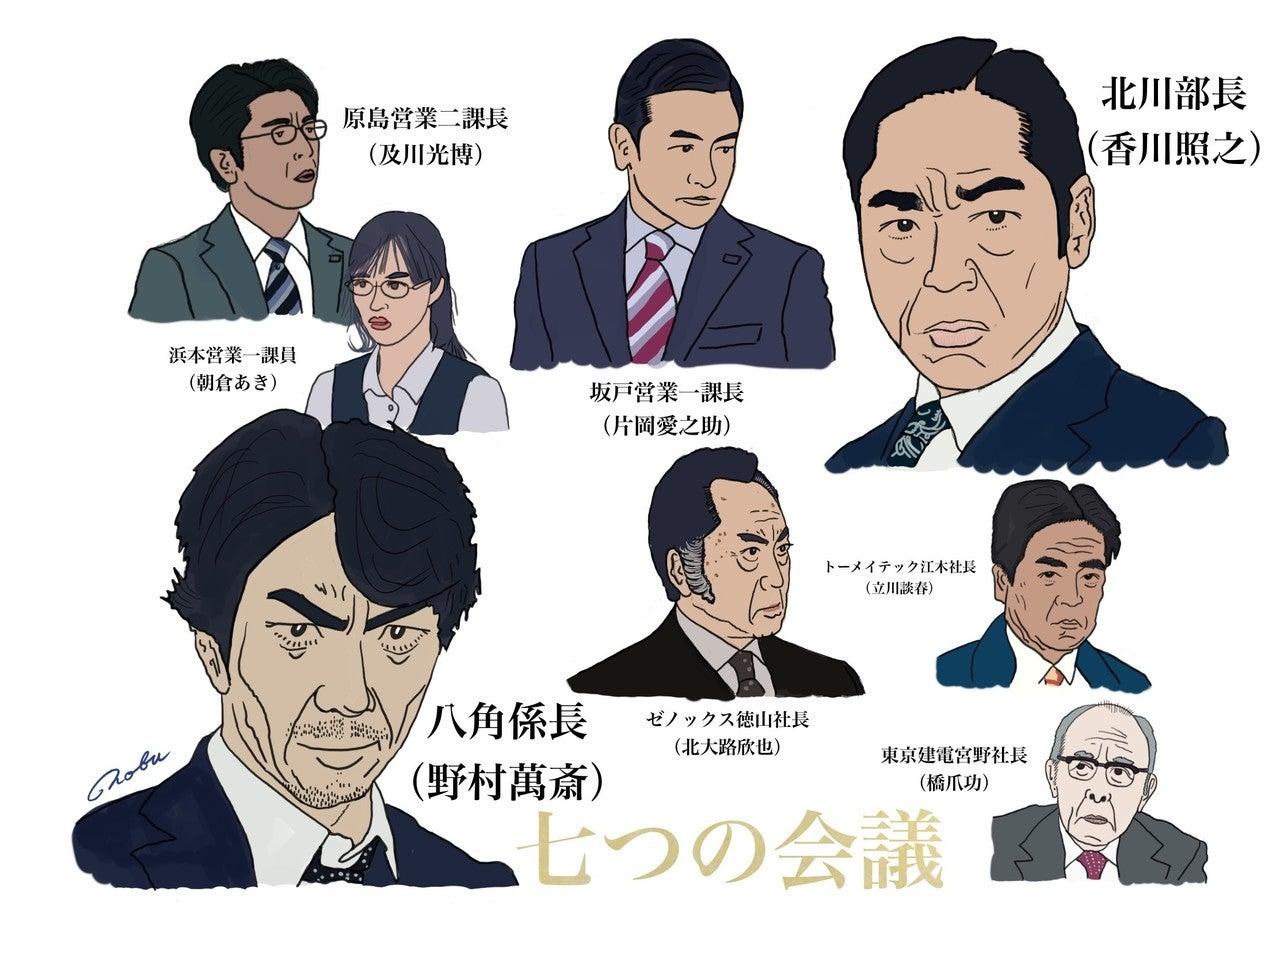 ドラマ「半沢直樹」好きなら より楽しめる映画「七つの会議」 nobu ...